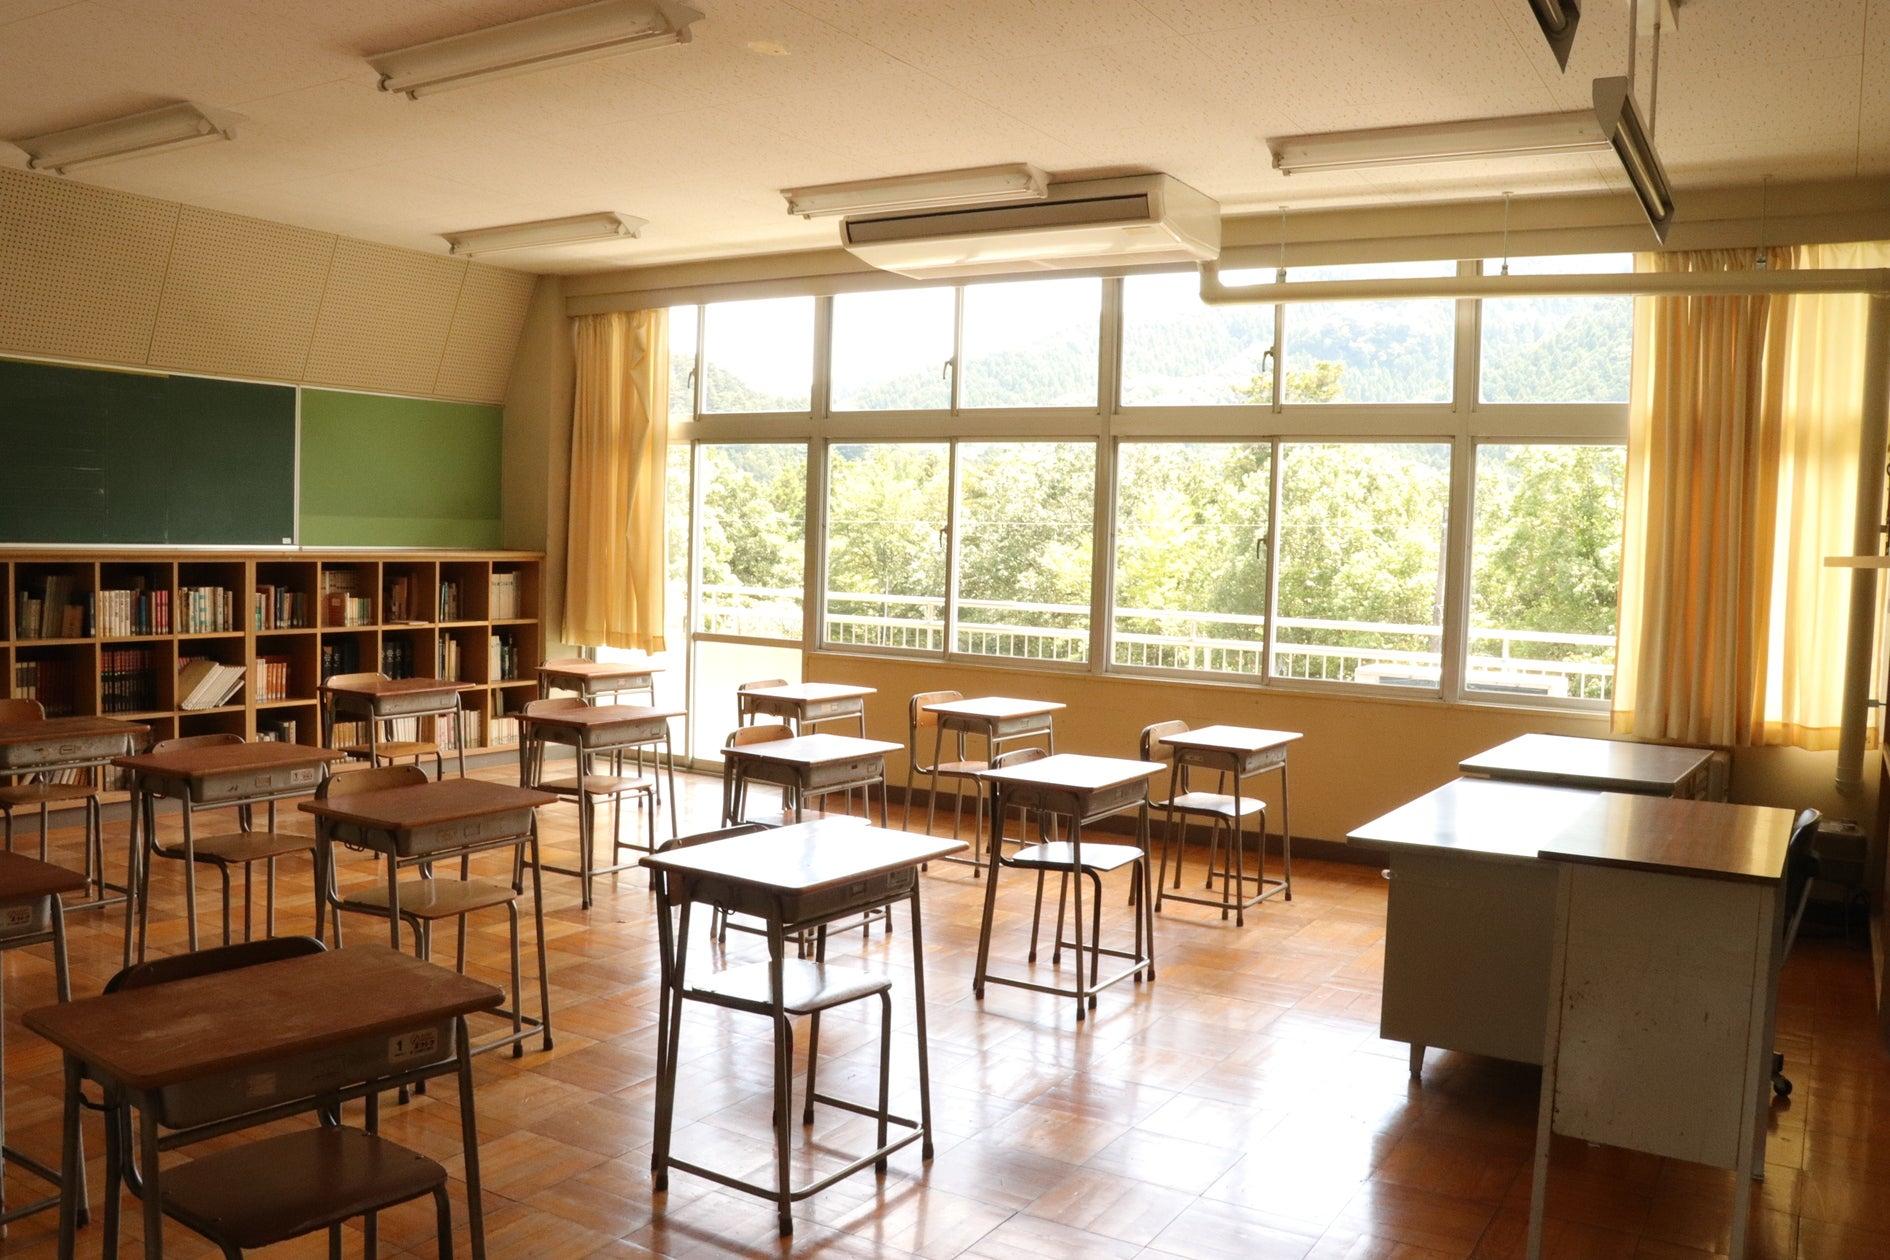 【教室A】学生時代にタイムスリップしたかのうような廃校の教室で撮影ができます(OKUTAMA+(旧古里中学校)) の写真0